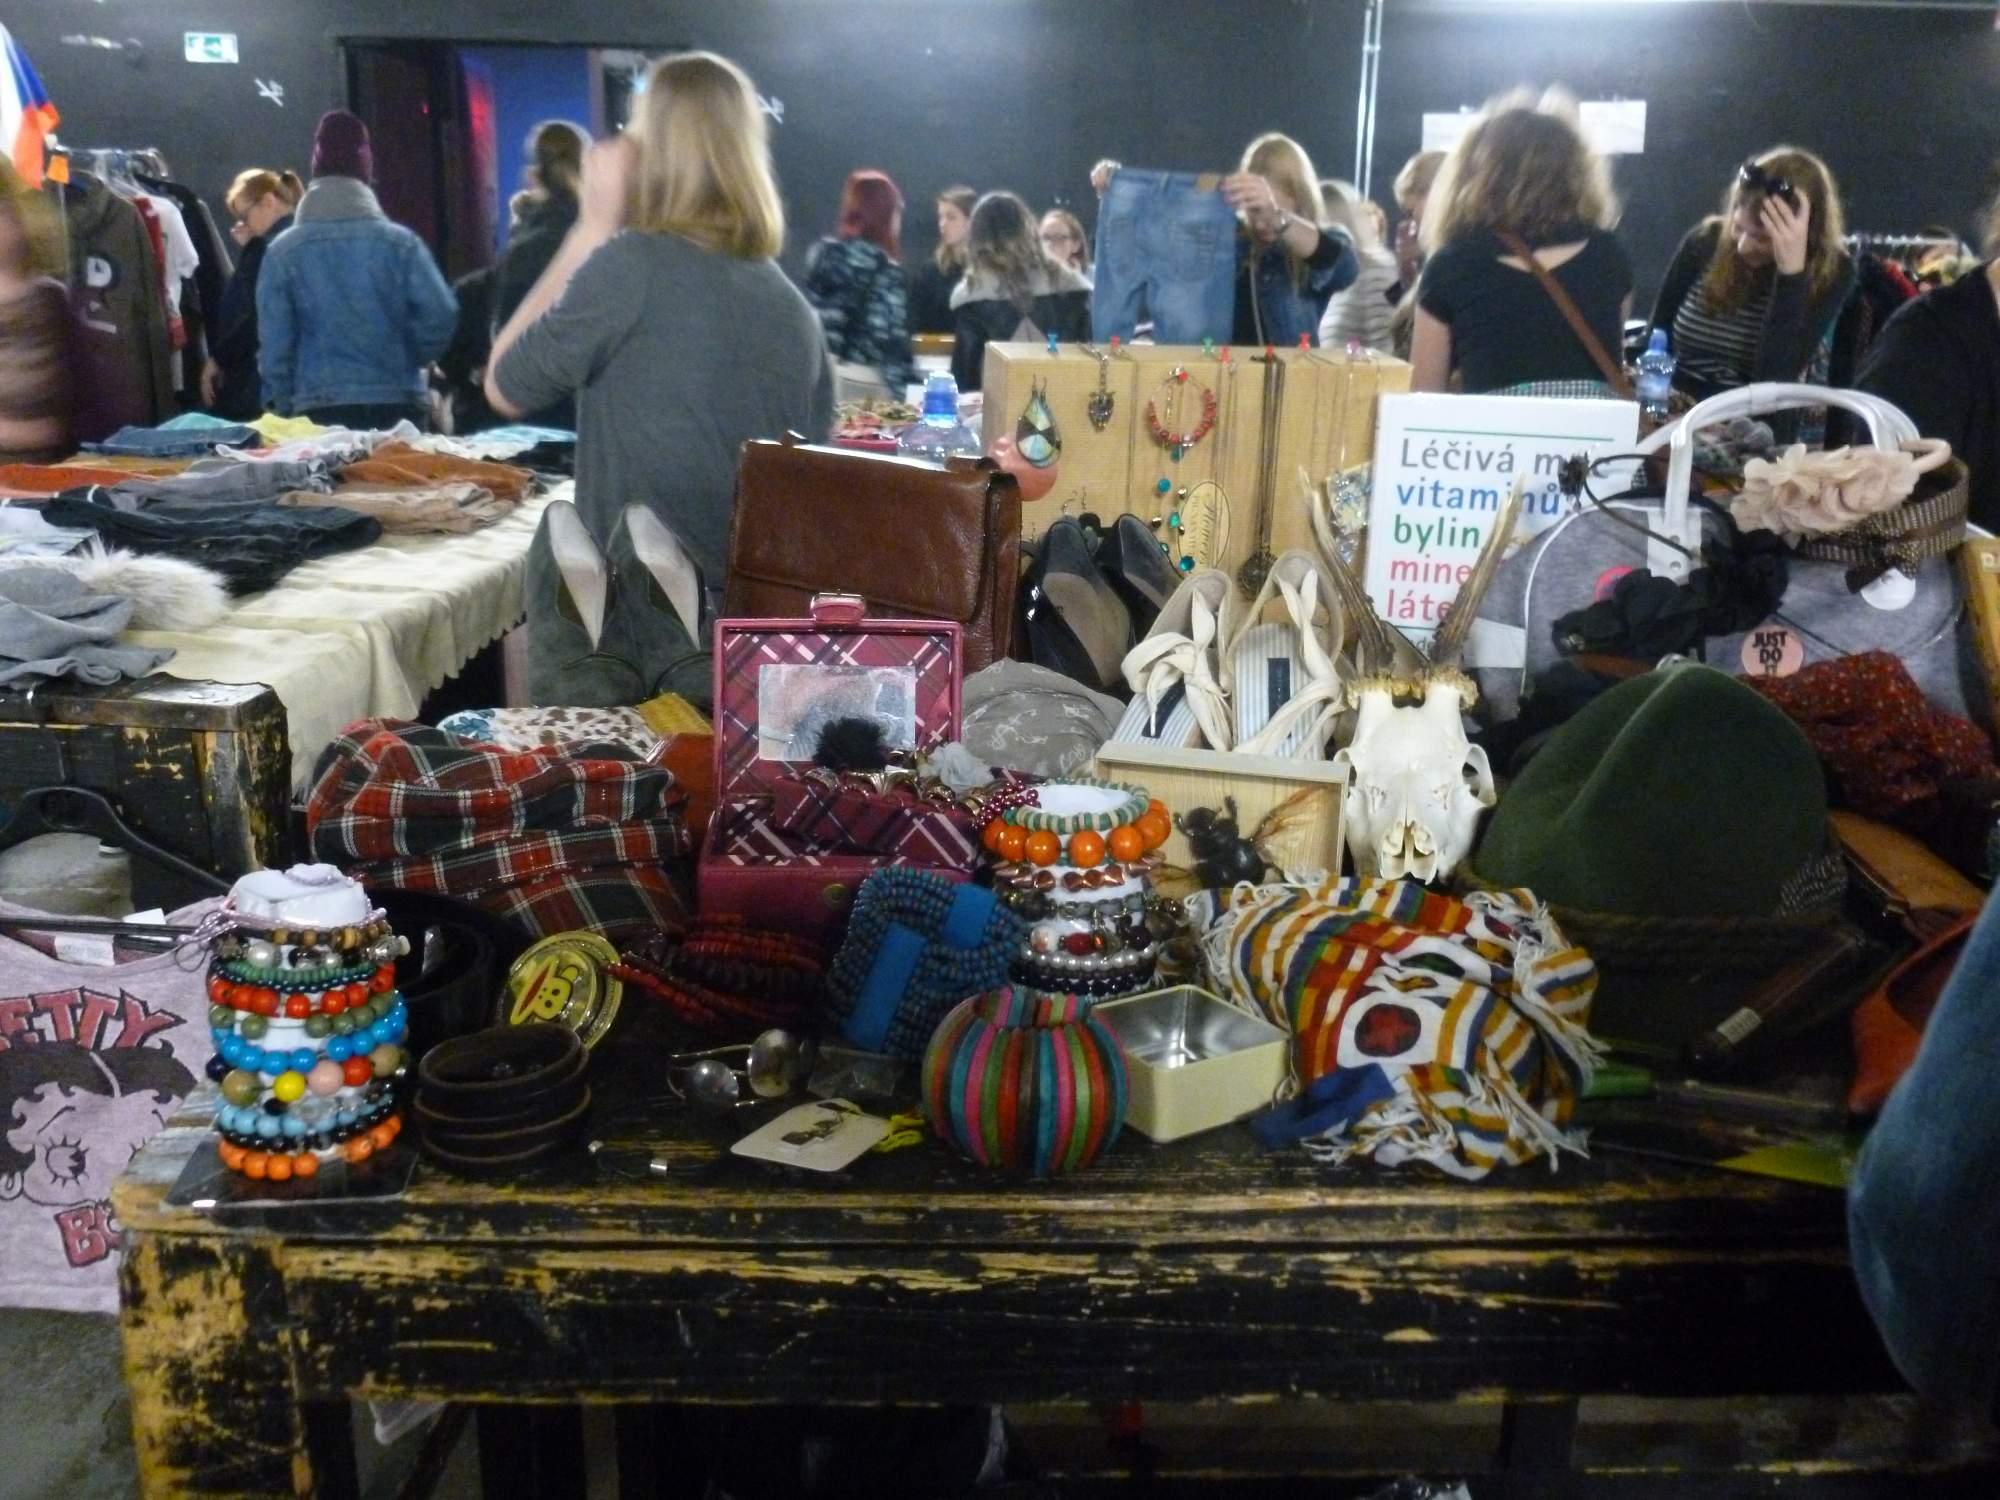 Lidé prodávali různé zboží, které jim bylo líto vyhodit. Foto: Kristýna Hortvíková